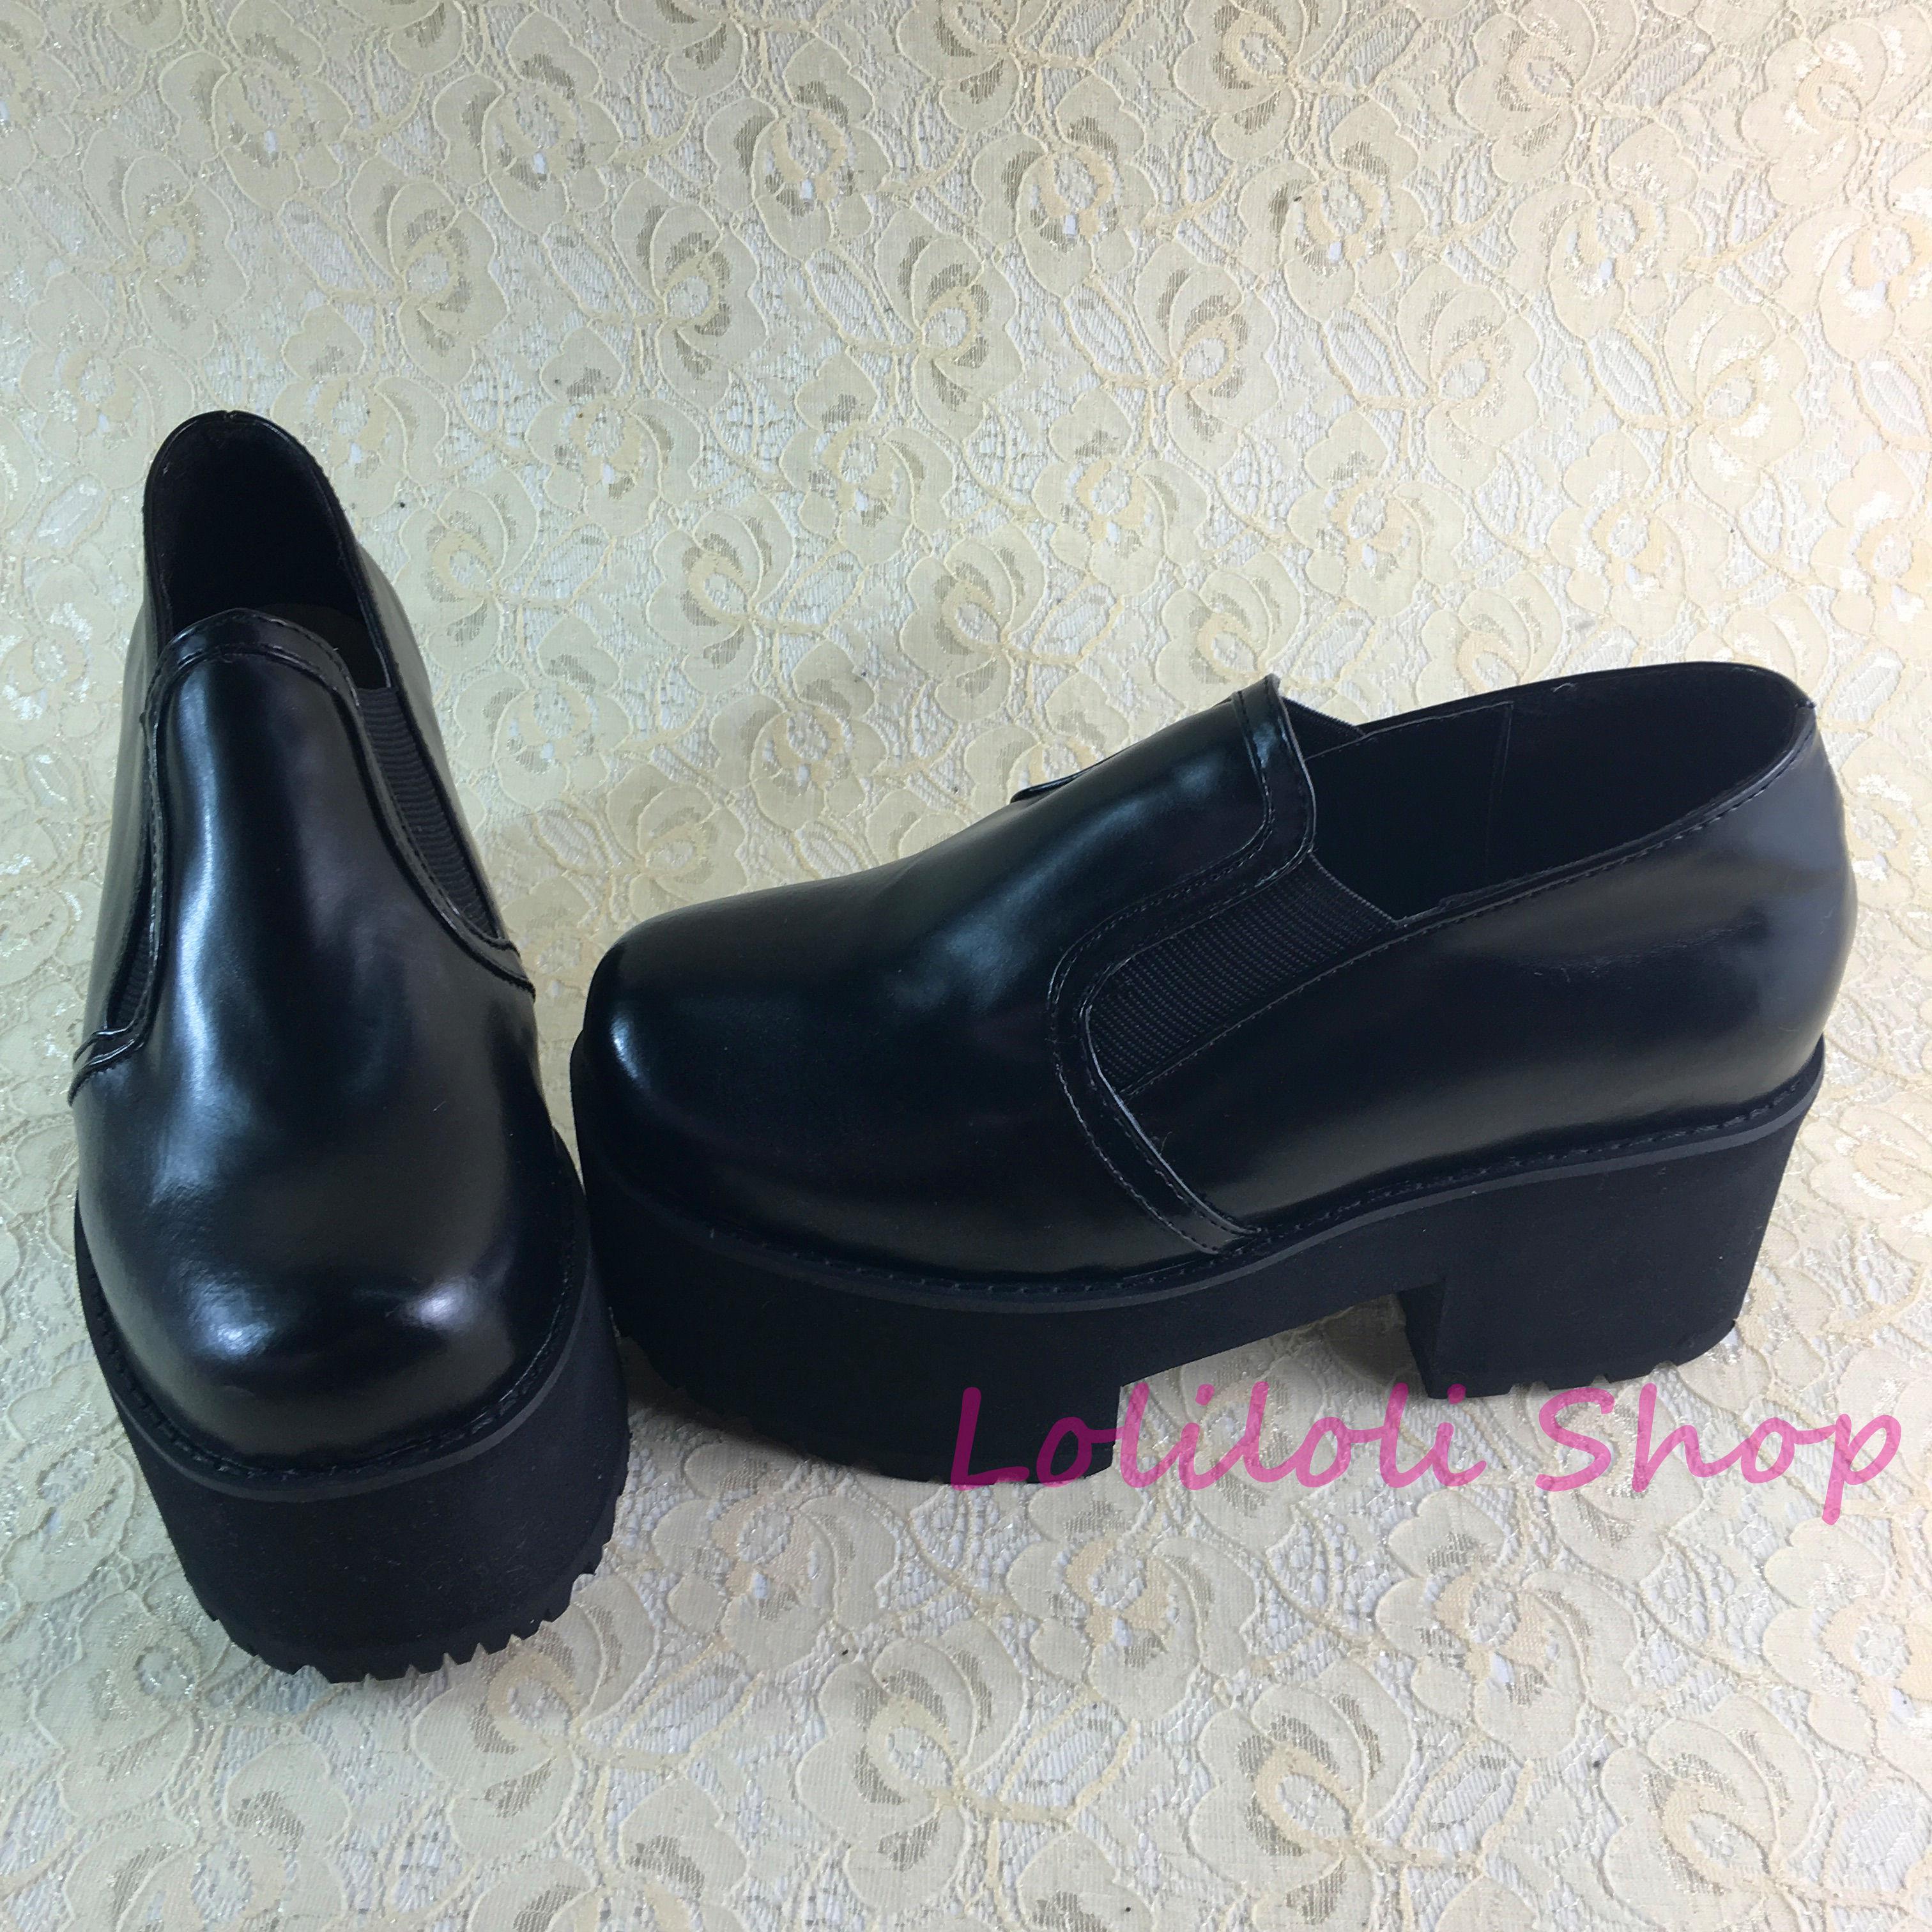 sur Antaina Peau Épais Loliloliyoyo 1 Talon Lolita Princesse multi Doux Noir Personnalisé Noir Brillant 5125n Chaussures Gothique Sauter 1nOq4